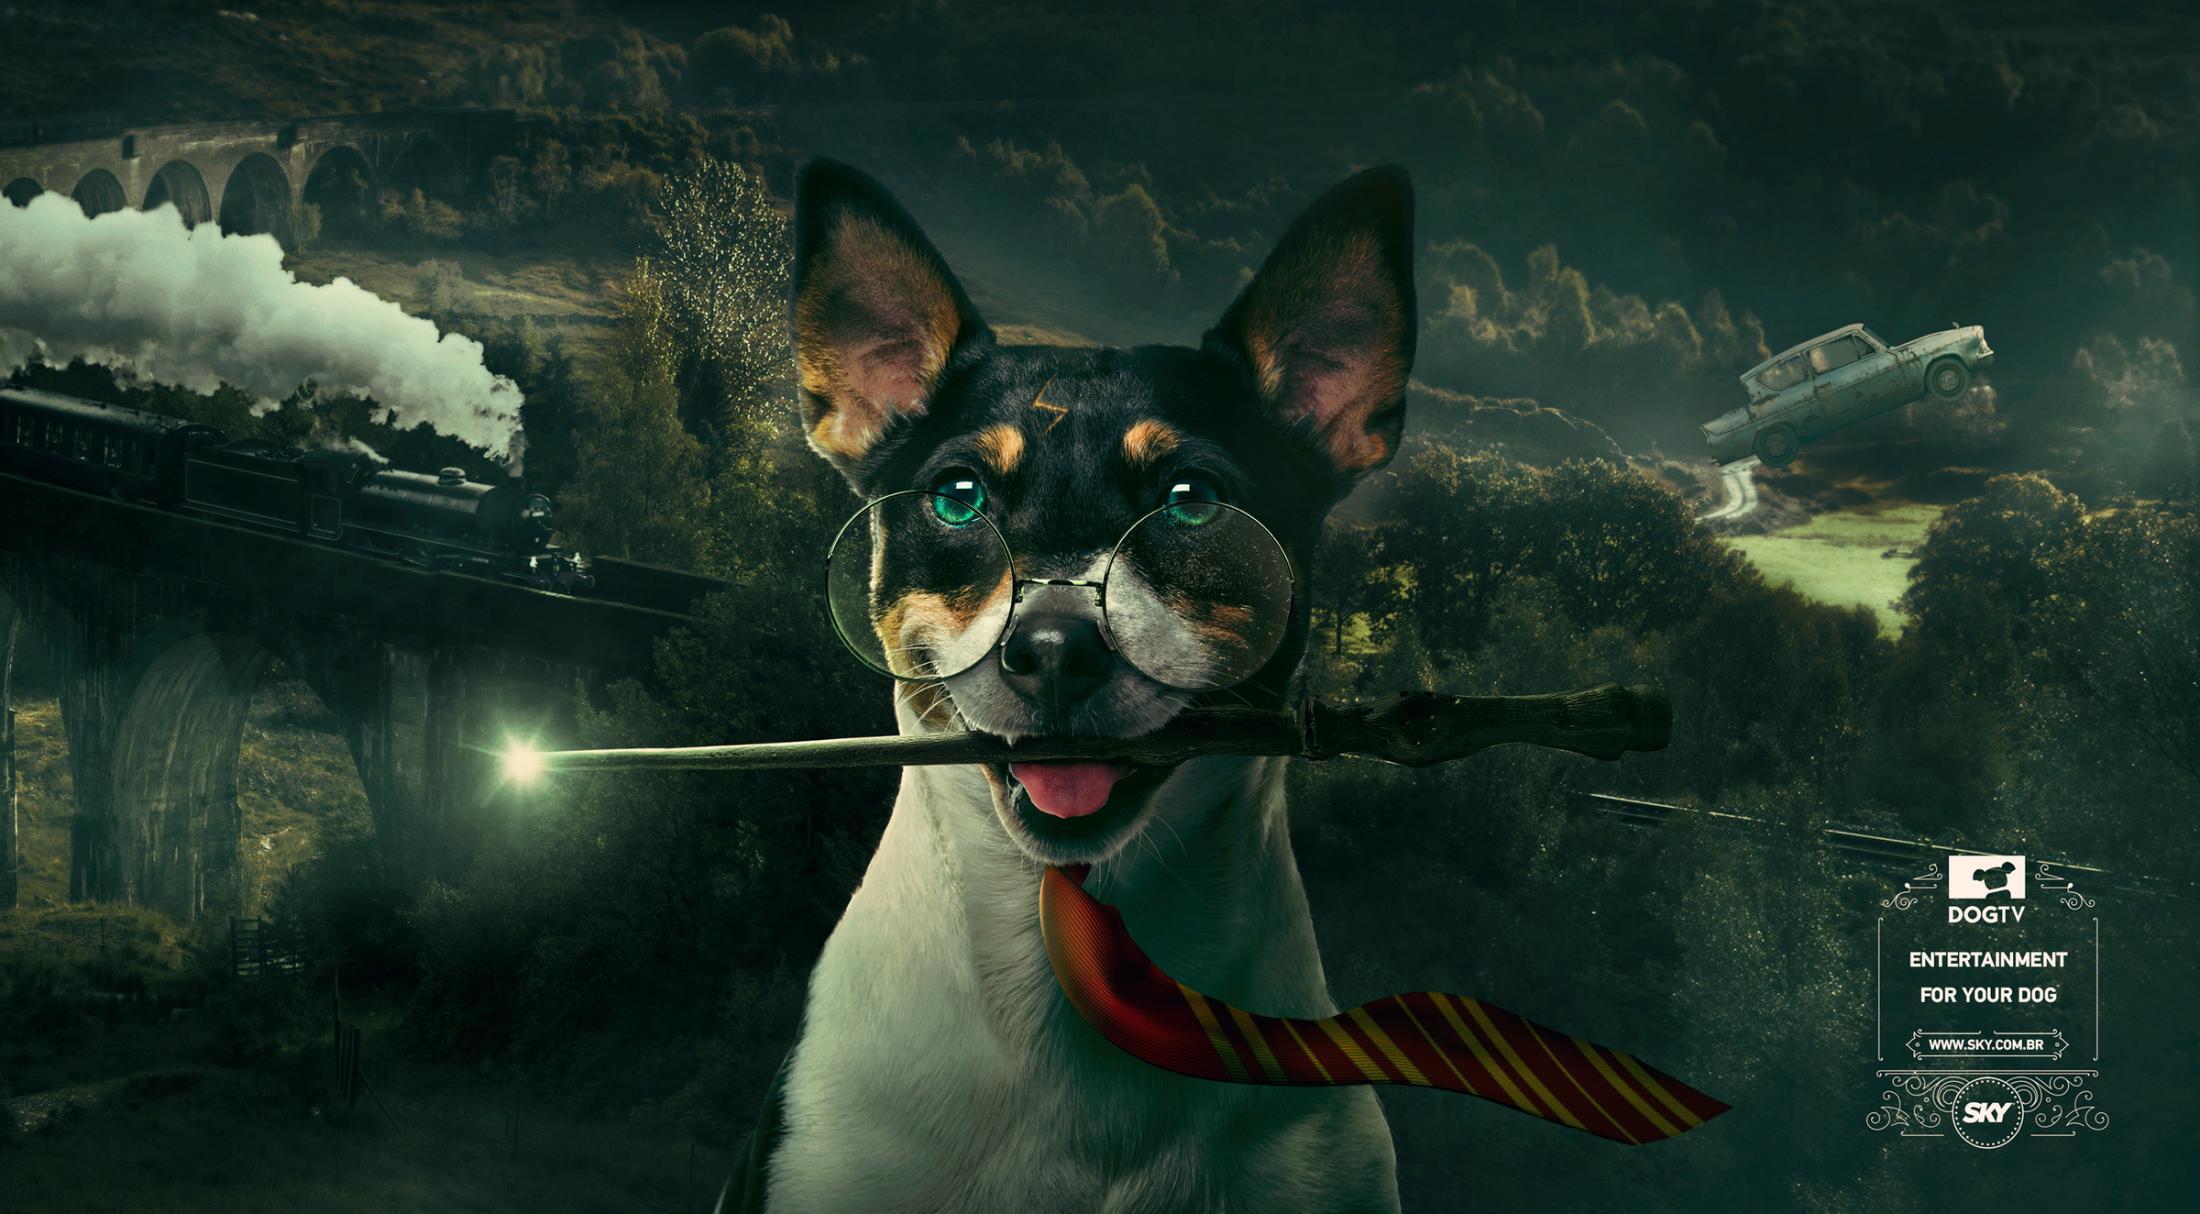 """Köpekler için yayın yapan dünyanın ilk köpek kanalı """"DogTV"""" yayında"""